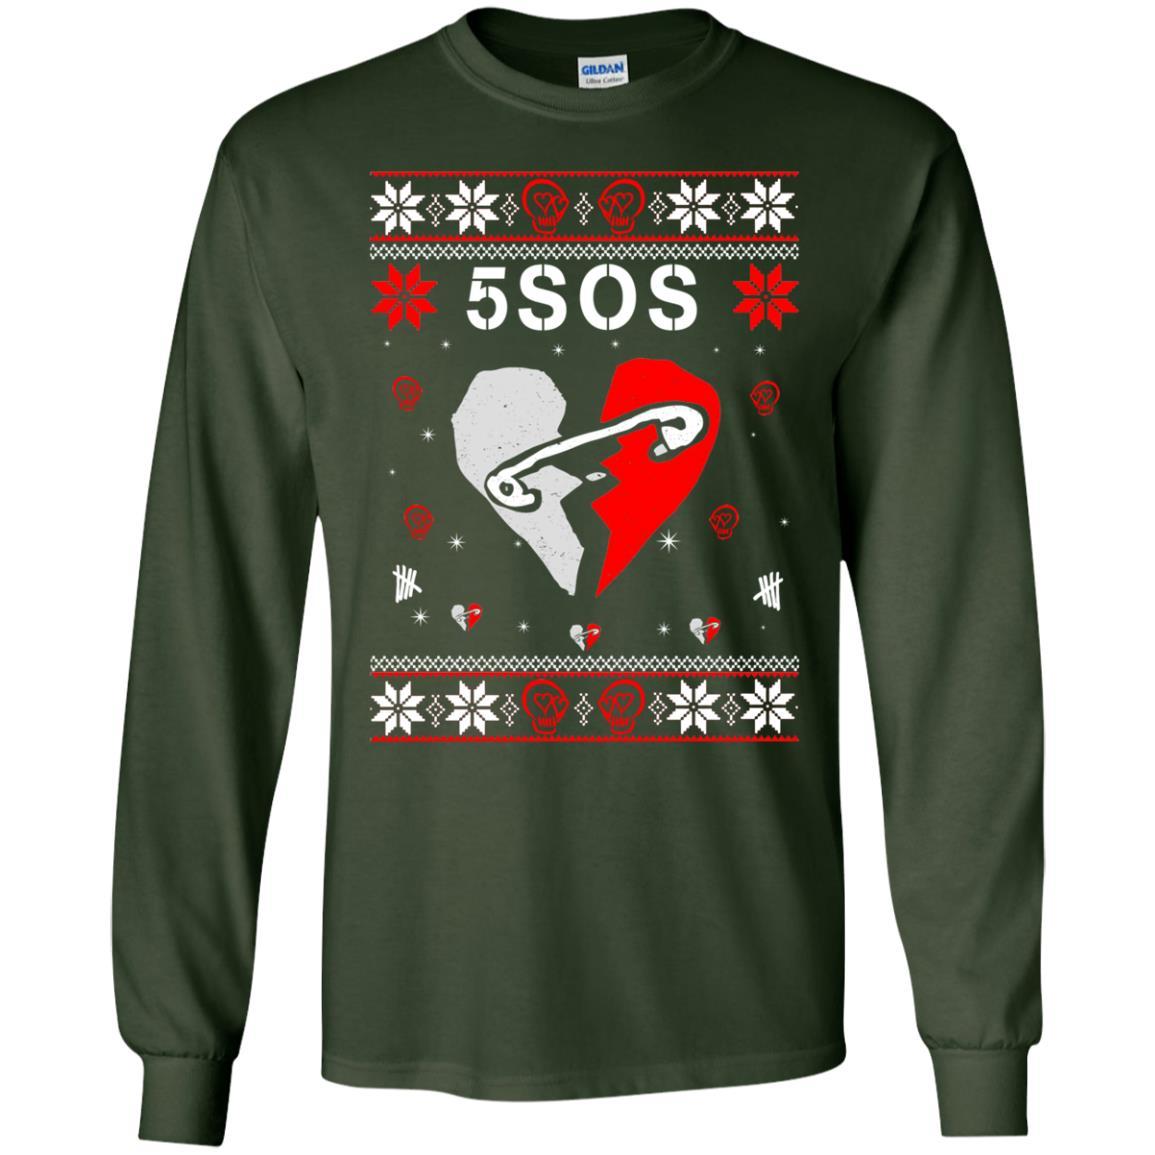 image 150 - 5SOS Christmas Sweater, Ugly Sweatshirts